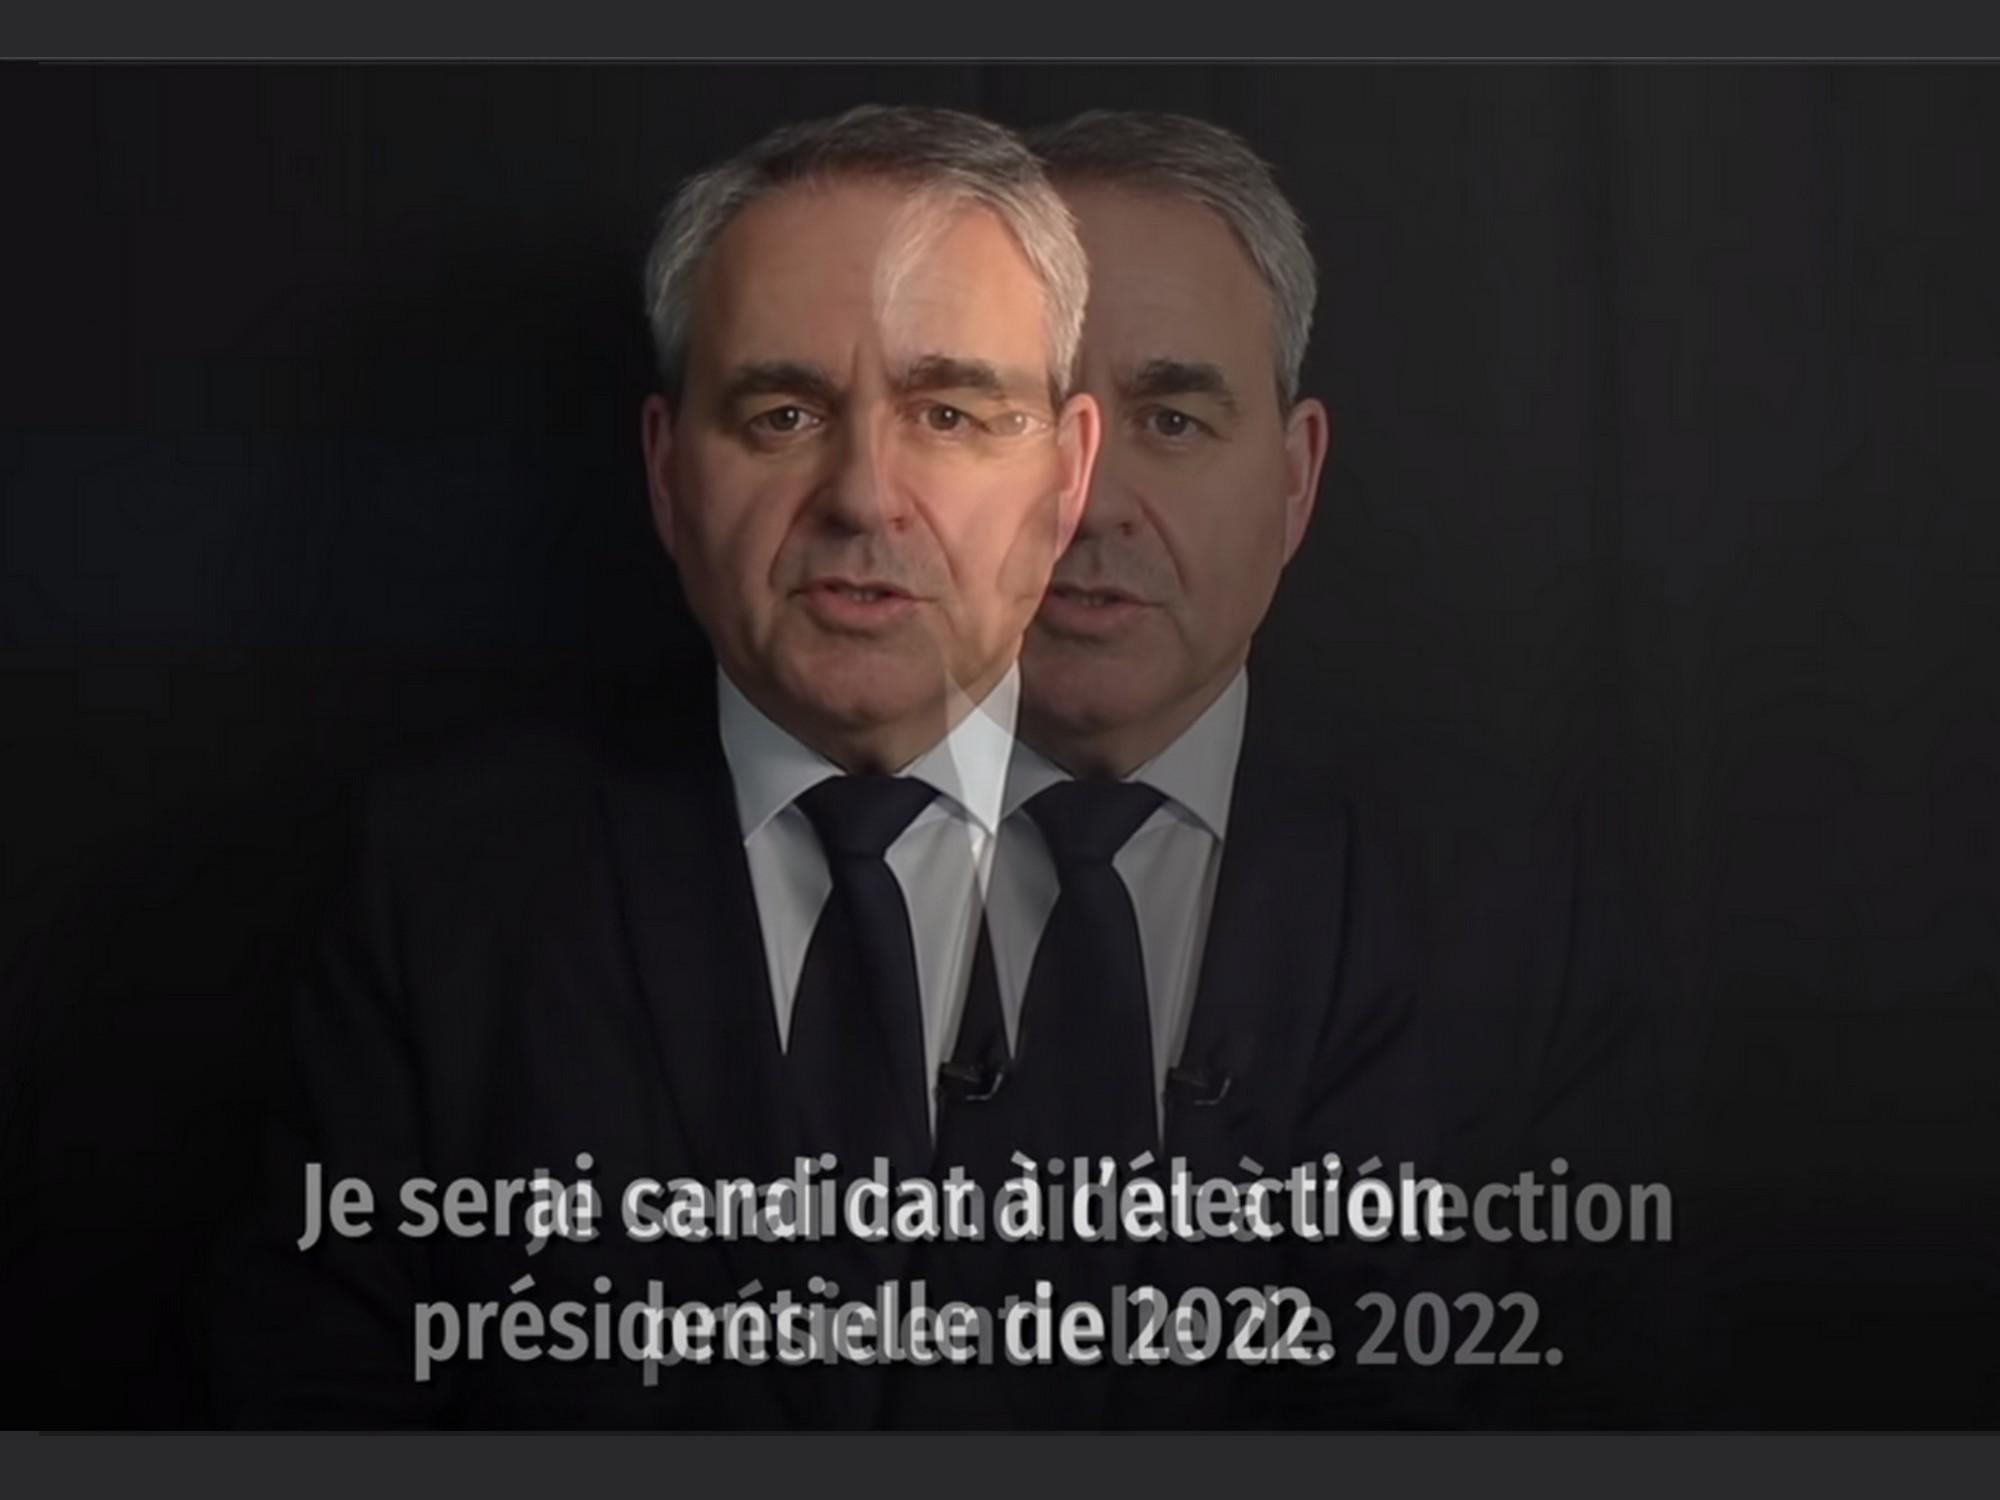 [Présidentielle] Xavier Bertrand candidat, les régionales reportées?